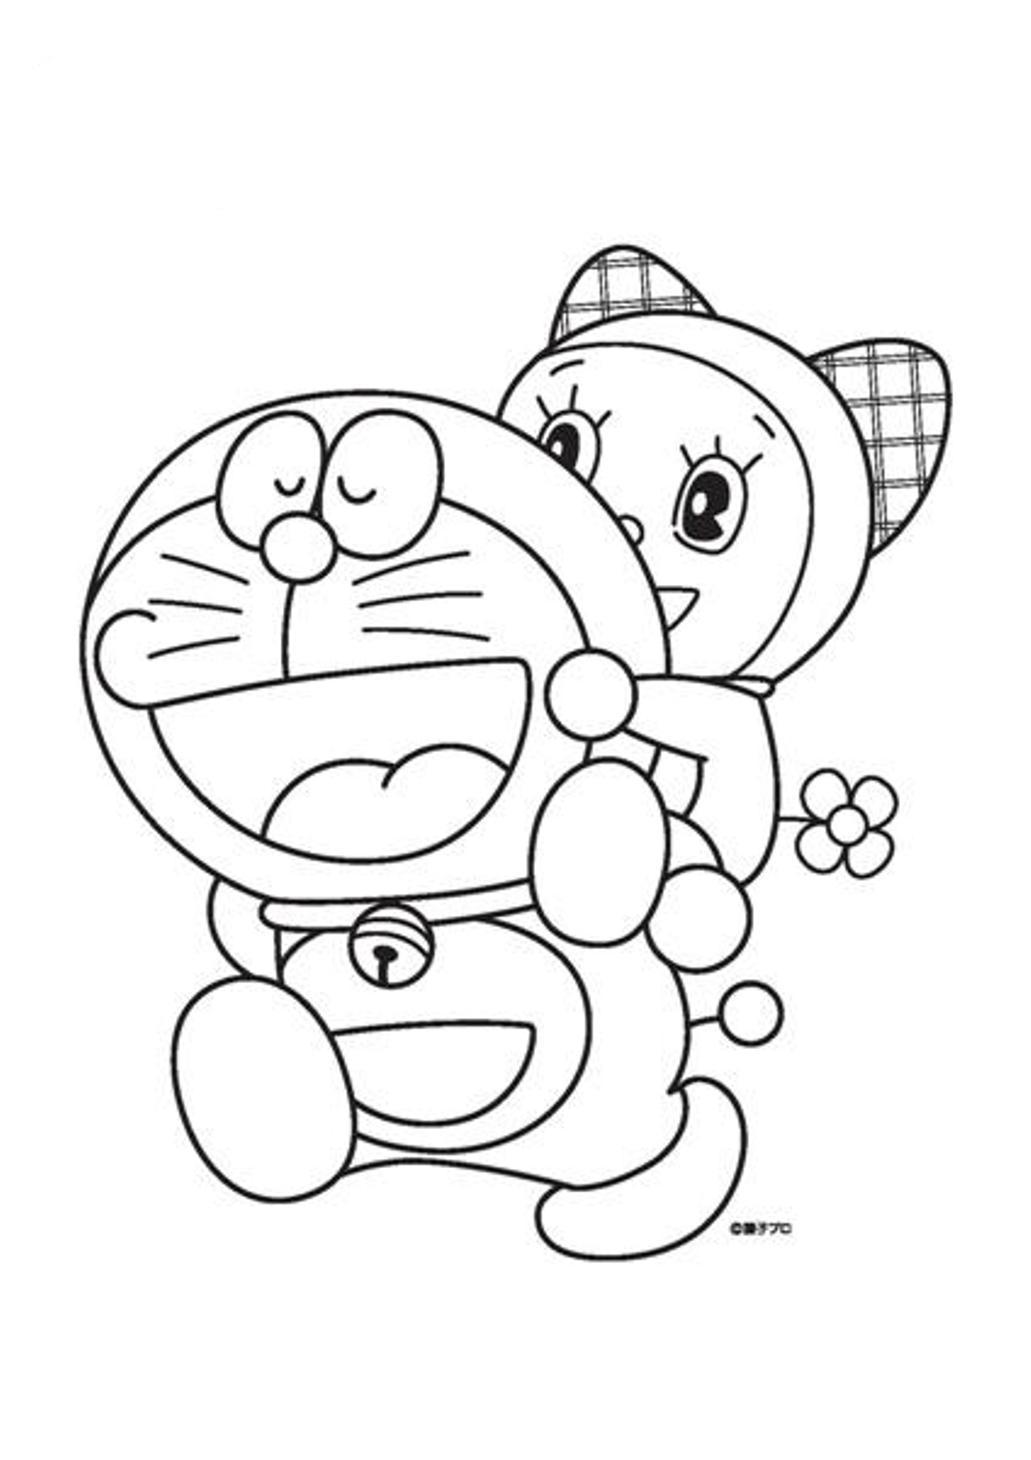 6 Kids Coloring Pages Doraemon Print Color Craft